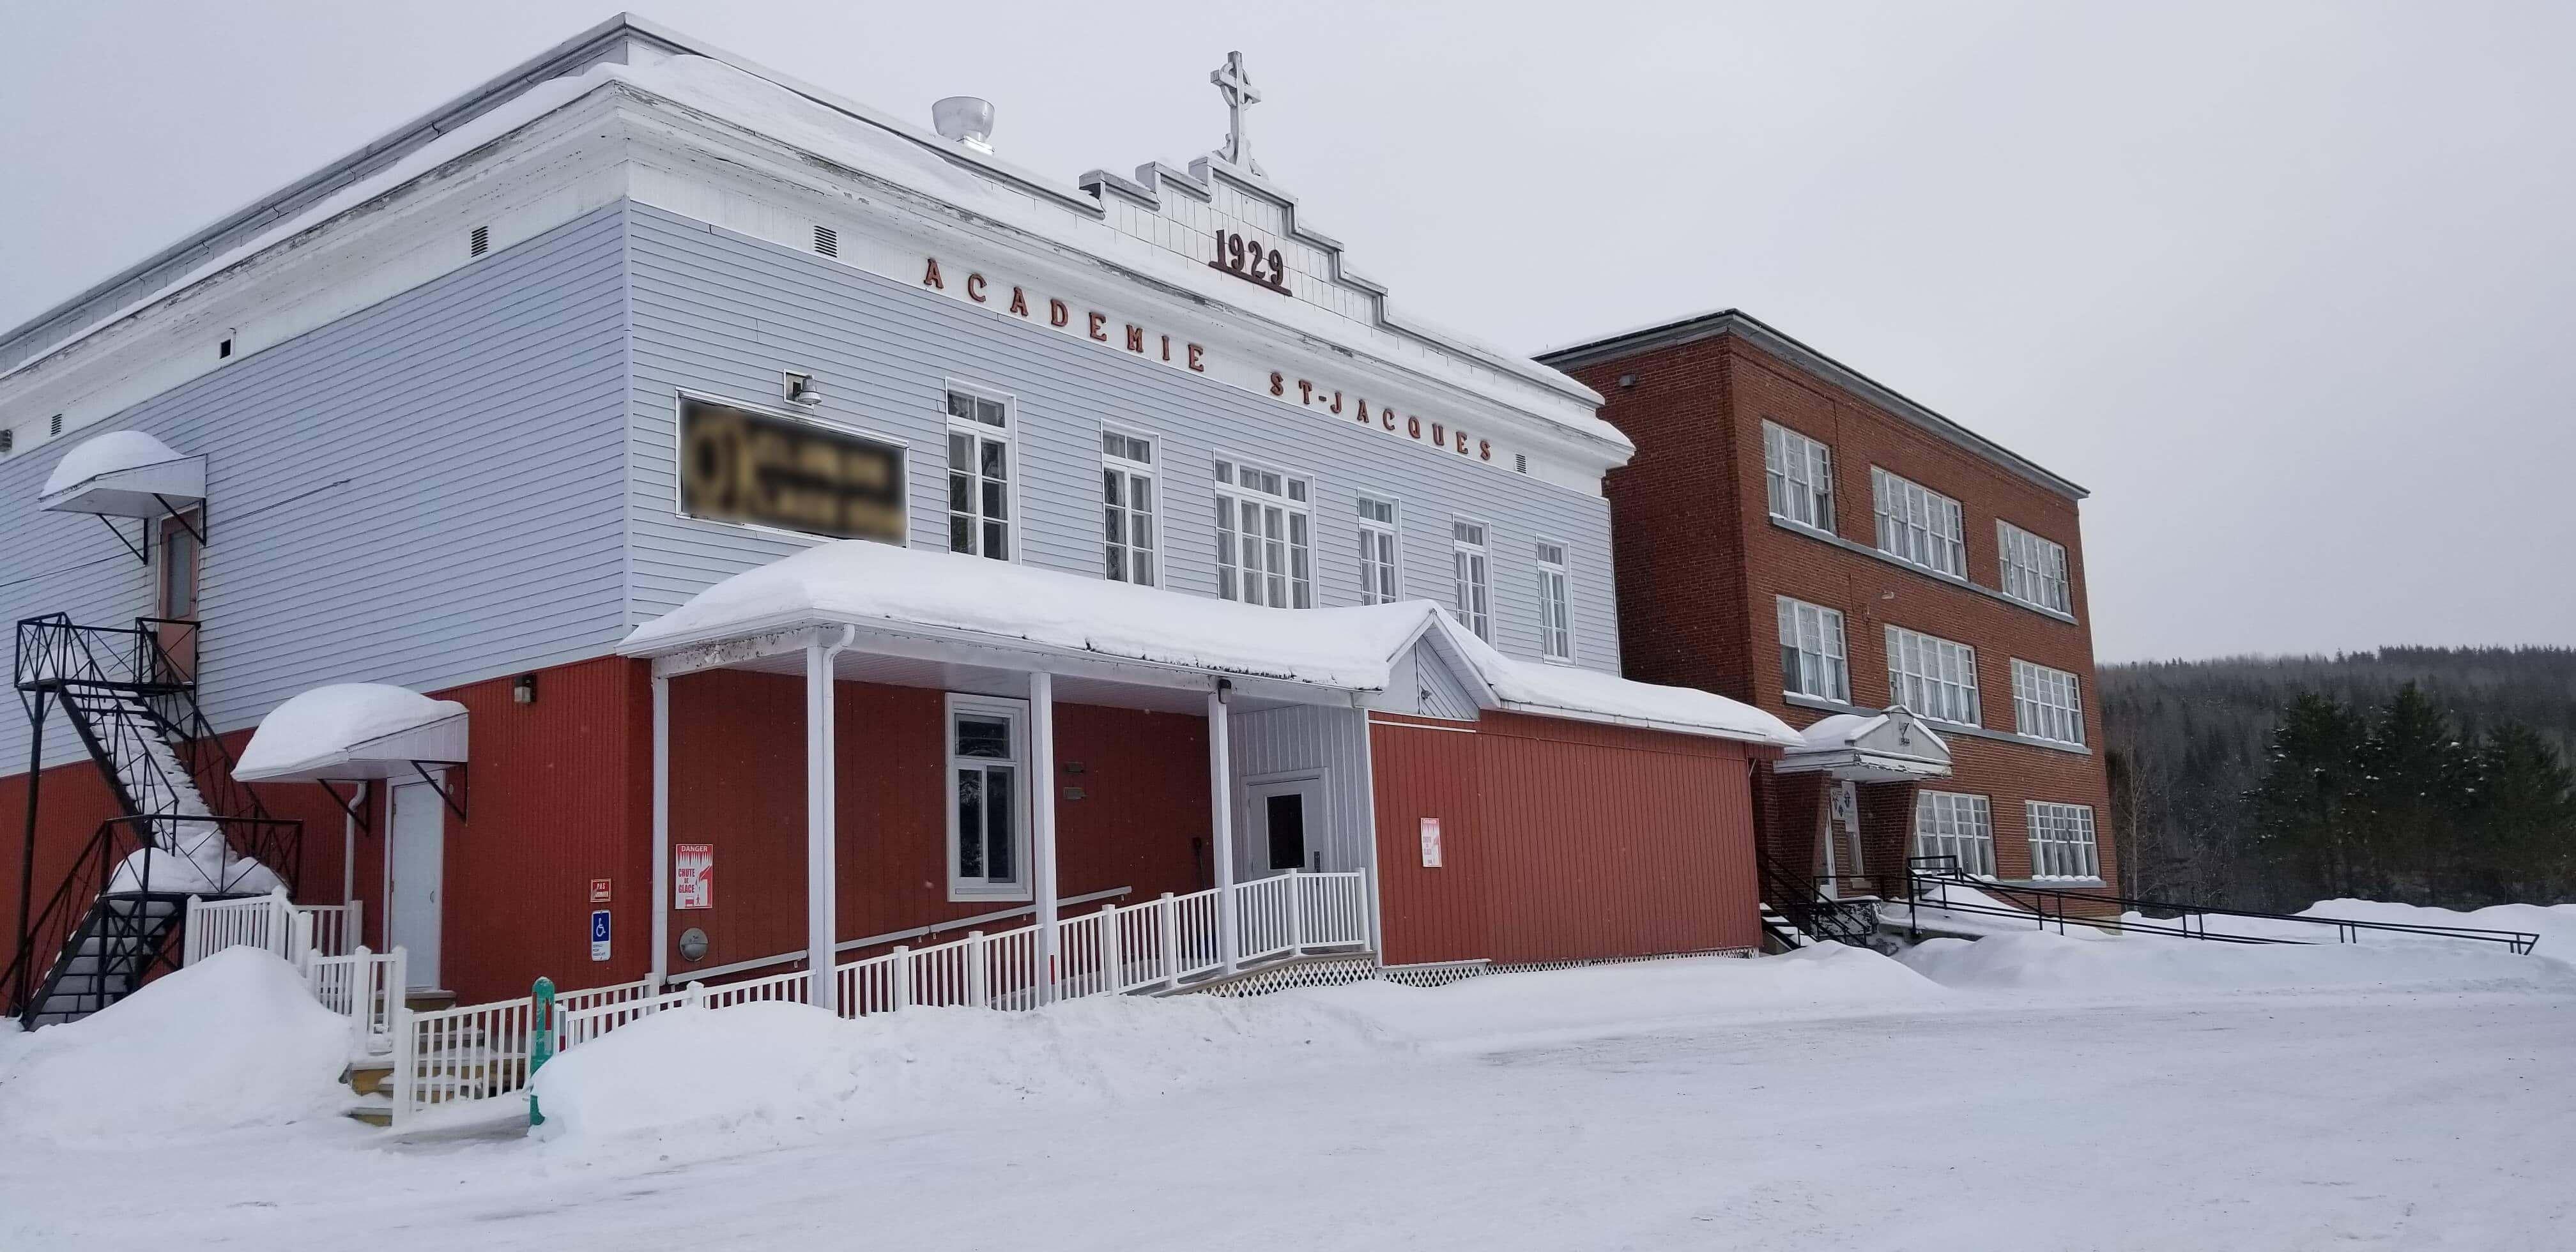 Académie St-Jacques